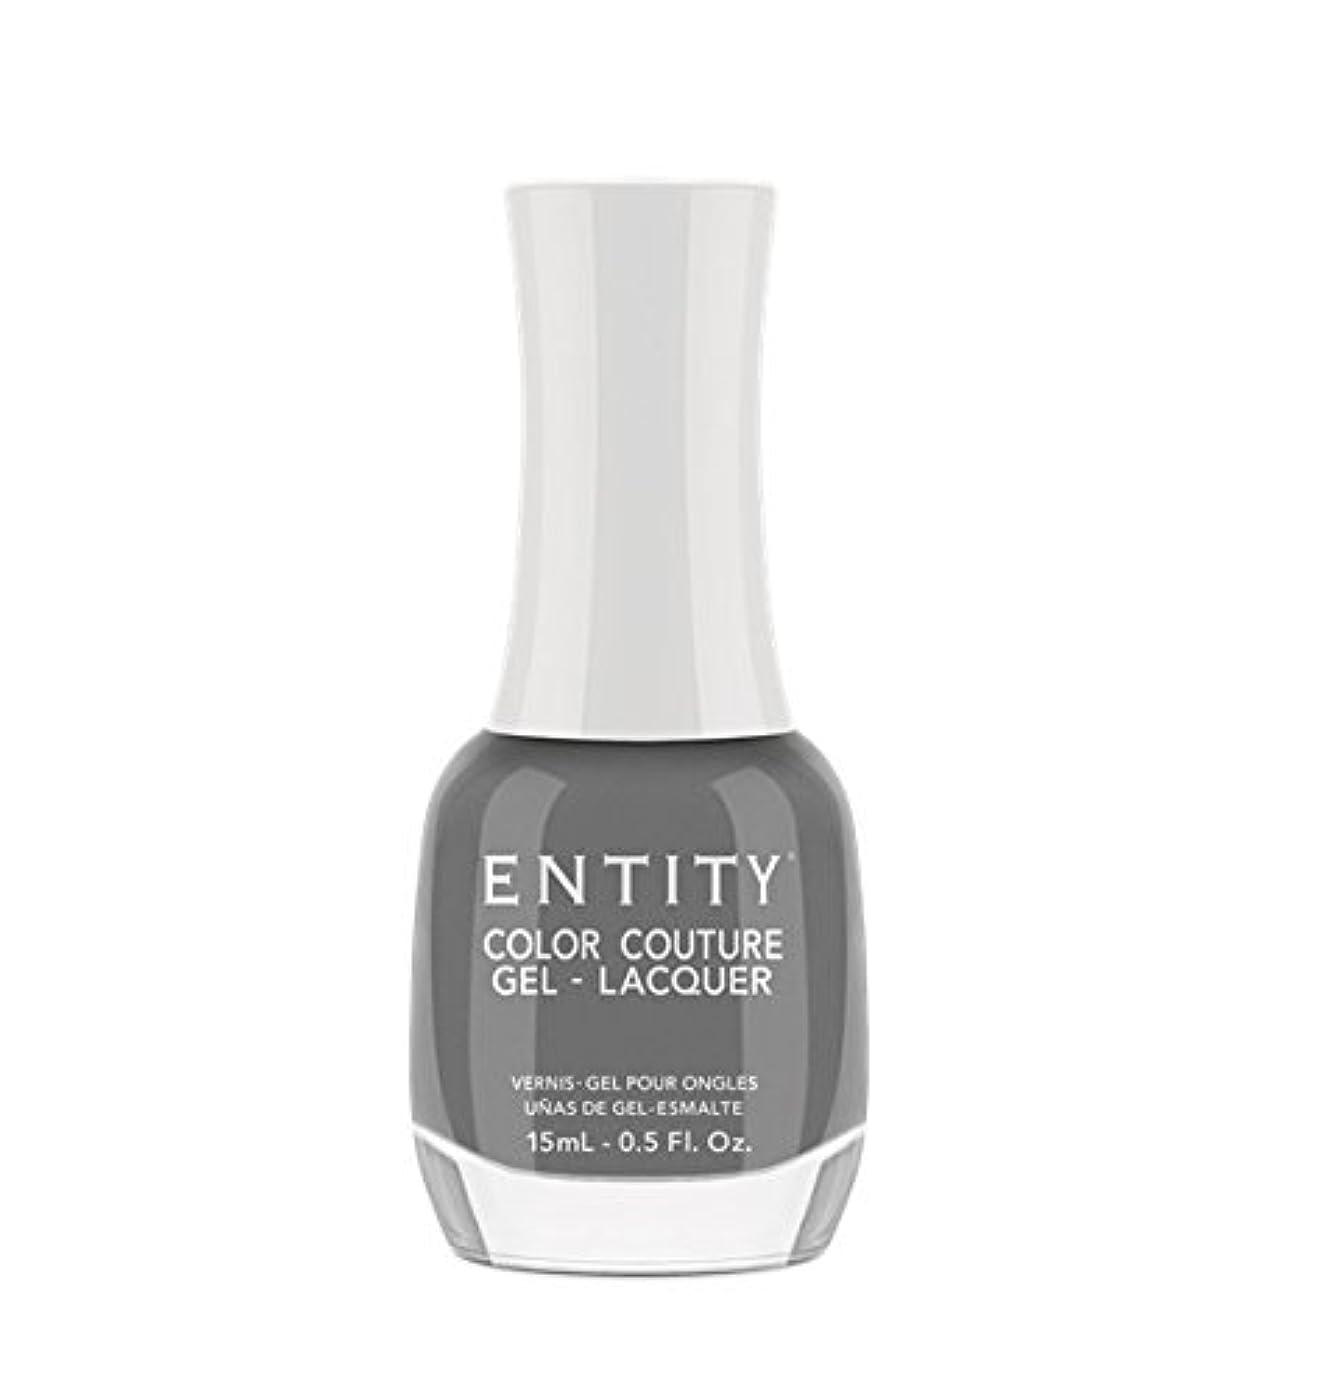 リップ楕円形小売Entity Color Couture Gel-Lacquer - Frayed Edges - 15 ml/0.5 oz